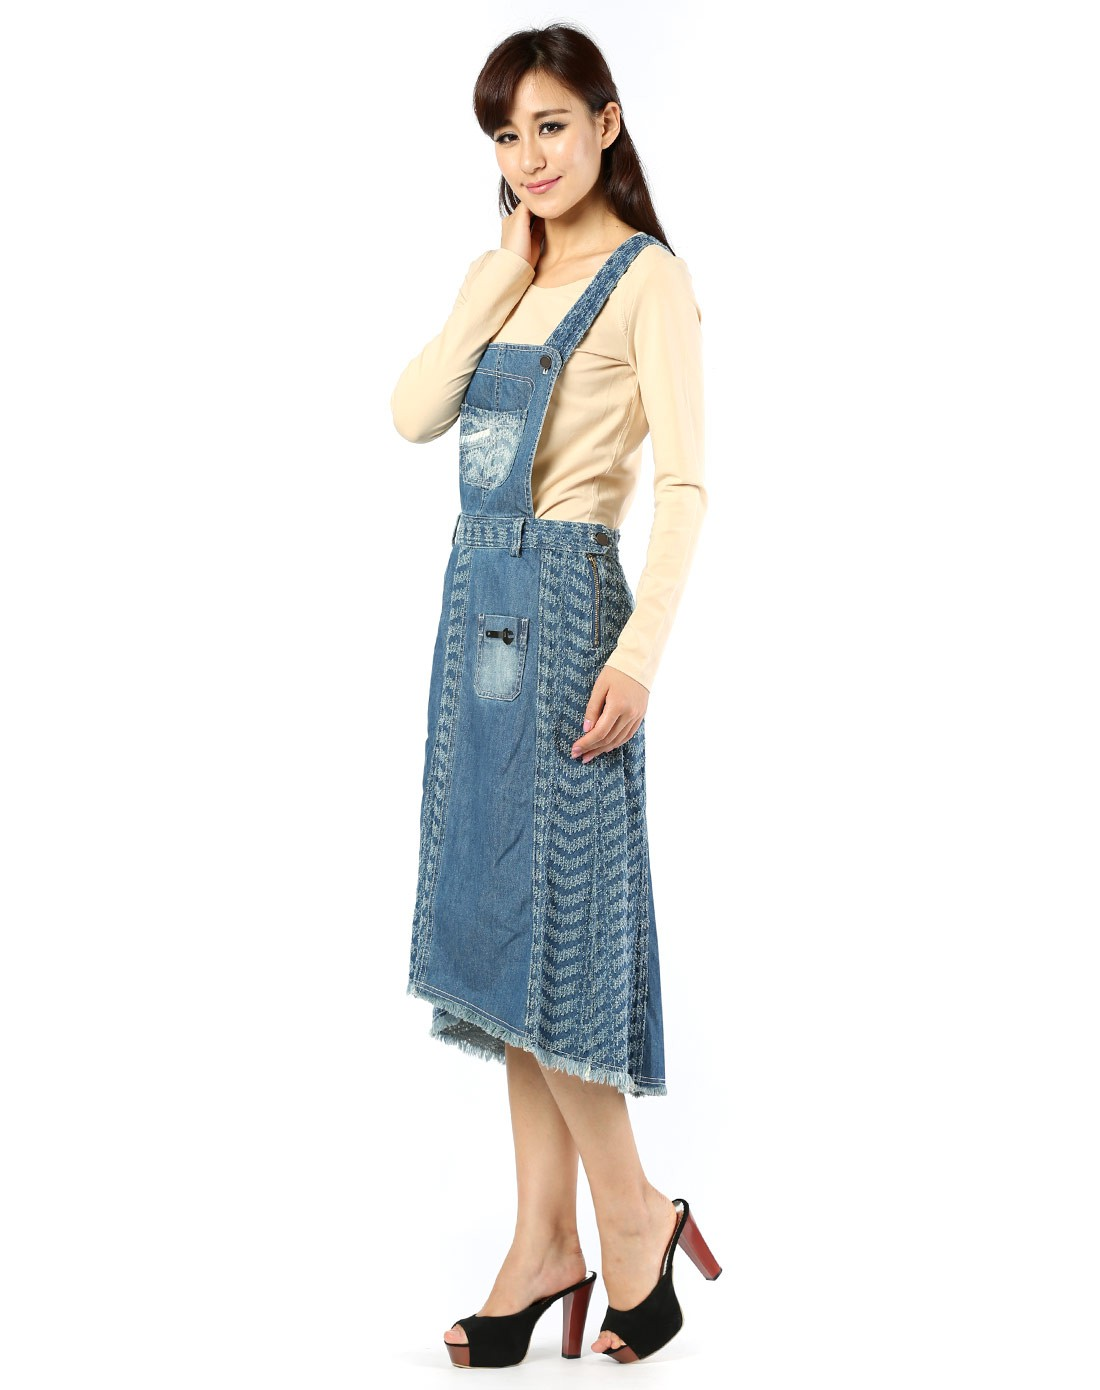 蓝色淑女背带牛仔连衣裙图片